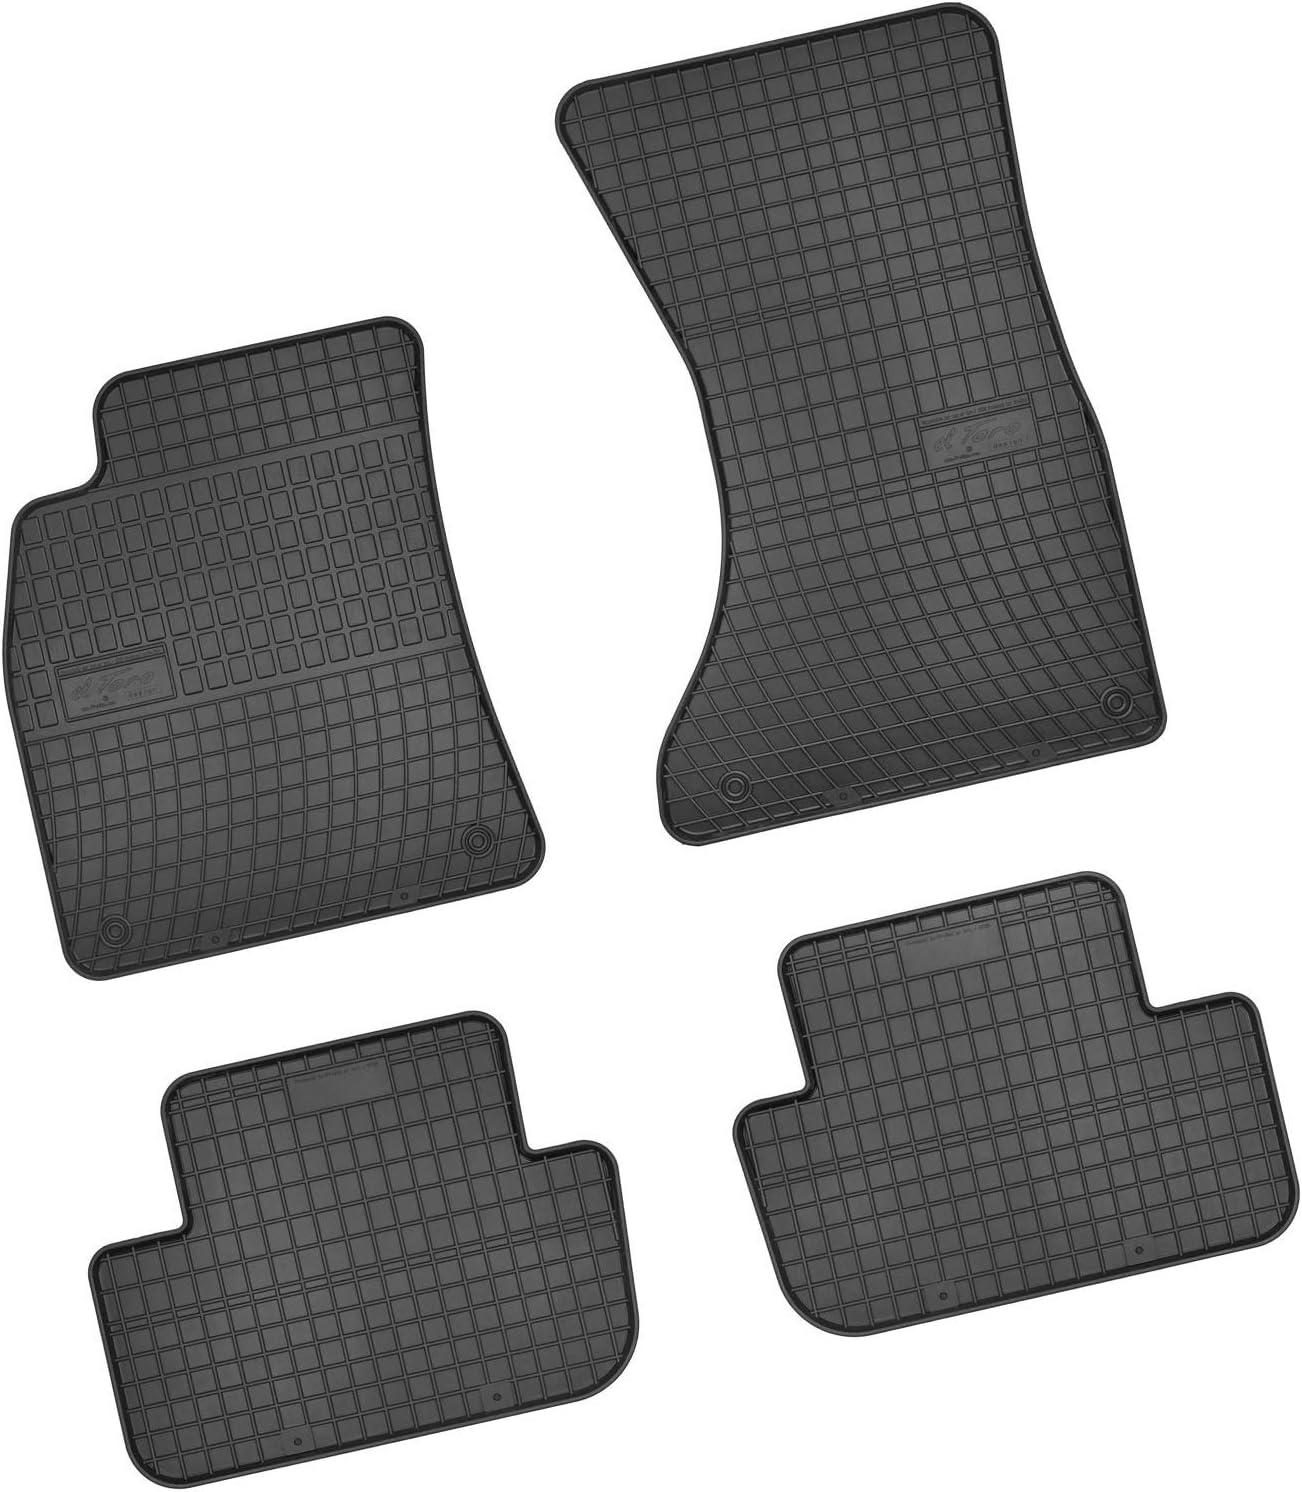 Bär Afc Au00151 Gummimatten Auto Fußmatten Schwarz Erhöhter Rand Set 4 Teilig Passgenau Für Modell Siehe Details Auto